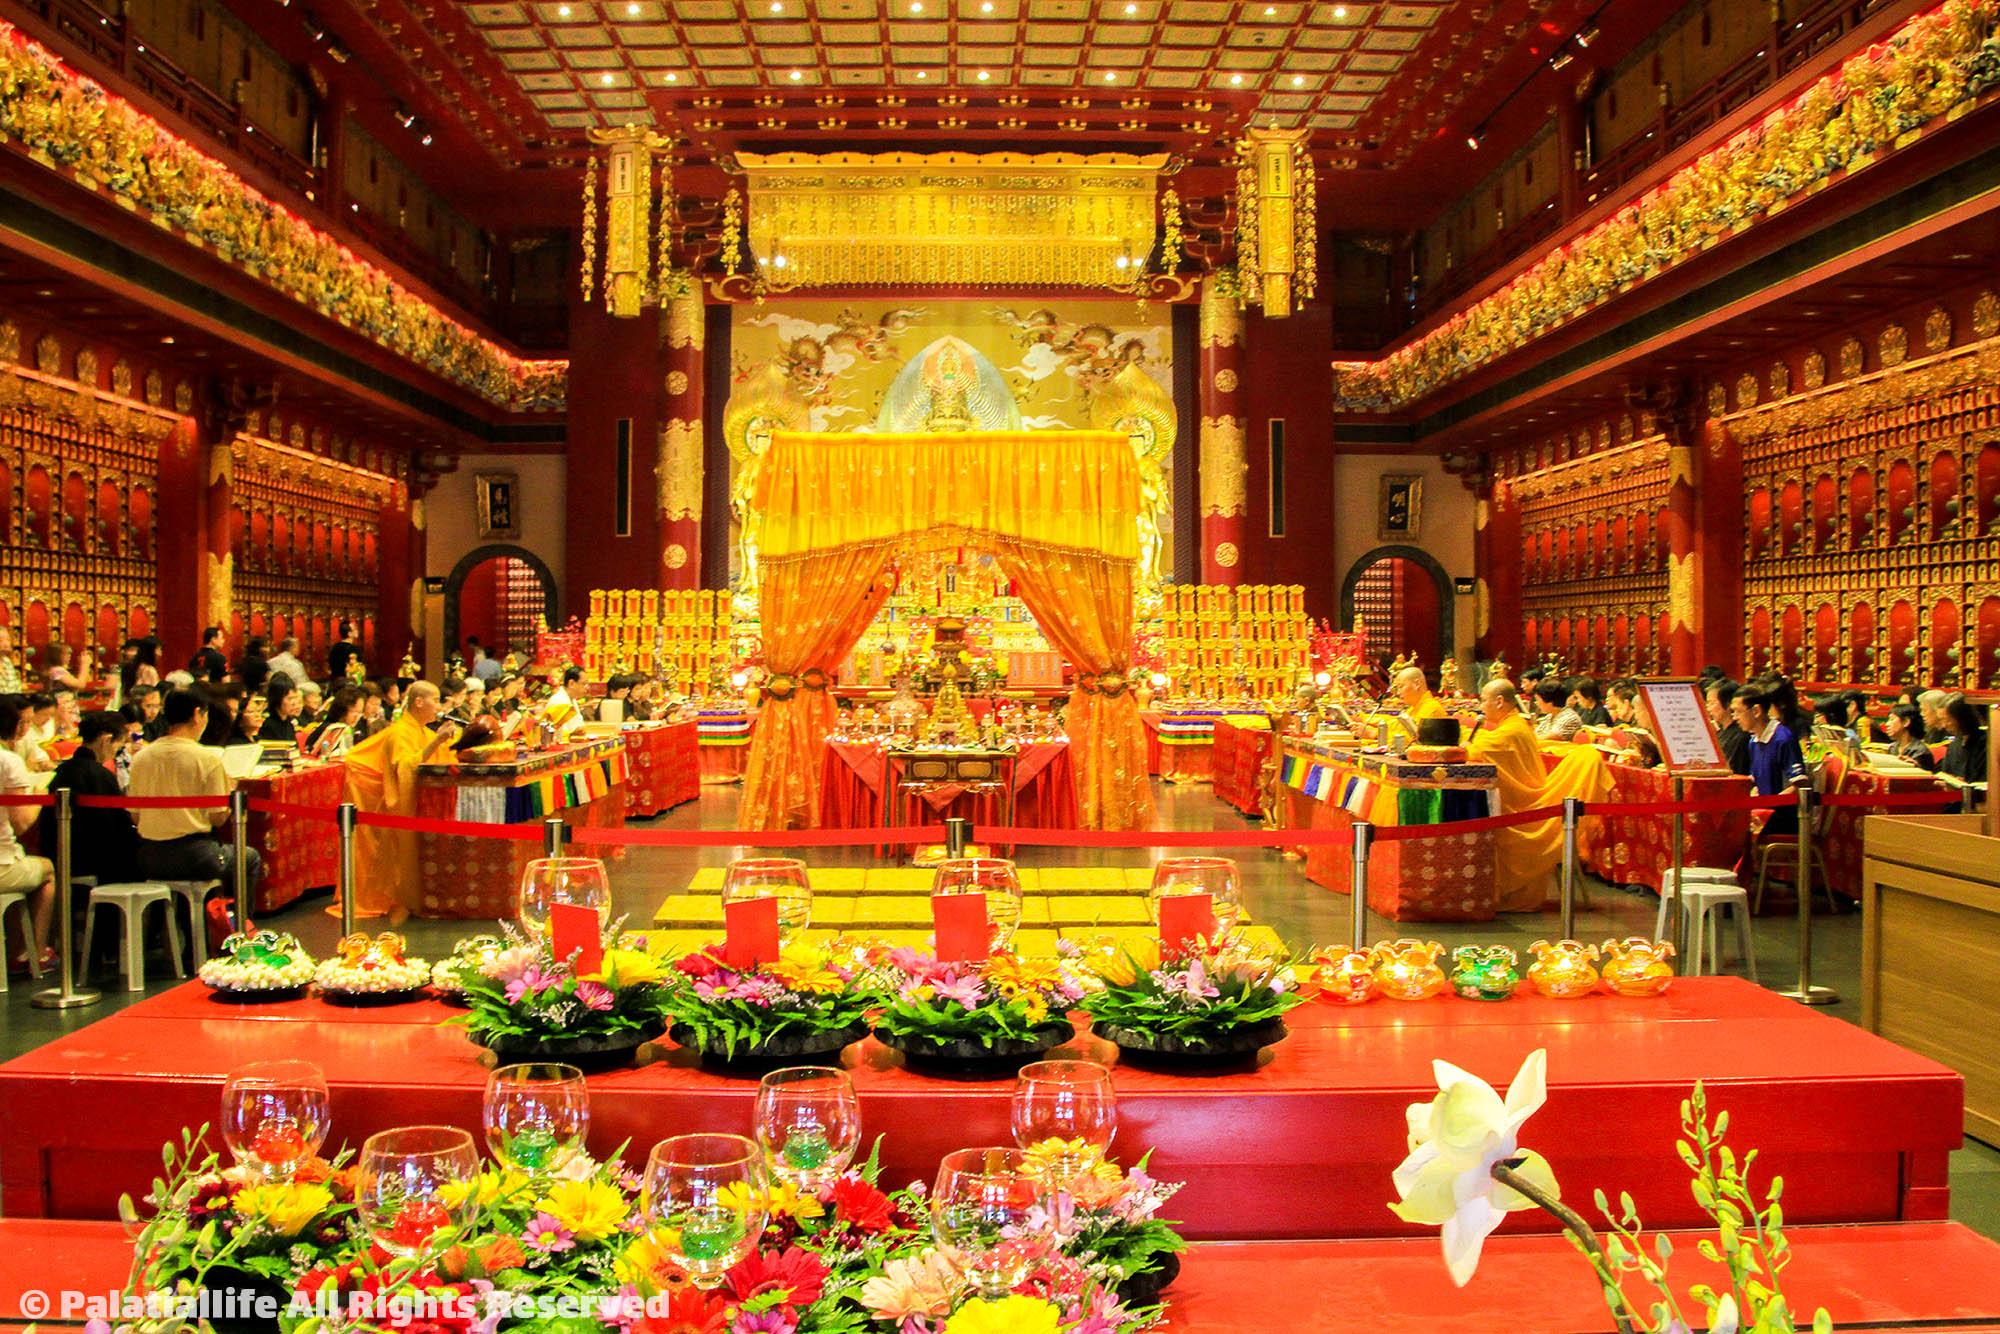 ดพระธาตุเขี้ยวแก้ว (Buddha Tooth Relic Temple)  สิงคโปร์ เที่ยวเตร็ดเตร่ไปตาม 5 ย่านยอดฮิตที่ไม่ควรพลาด IMG 9508